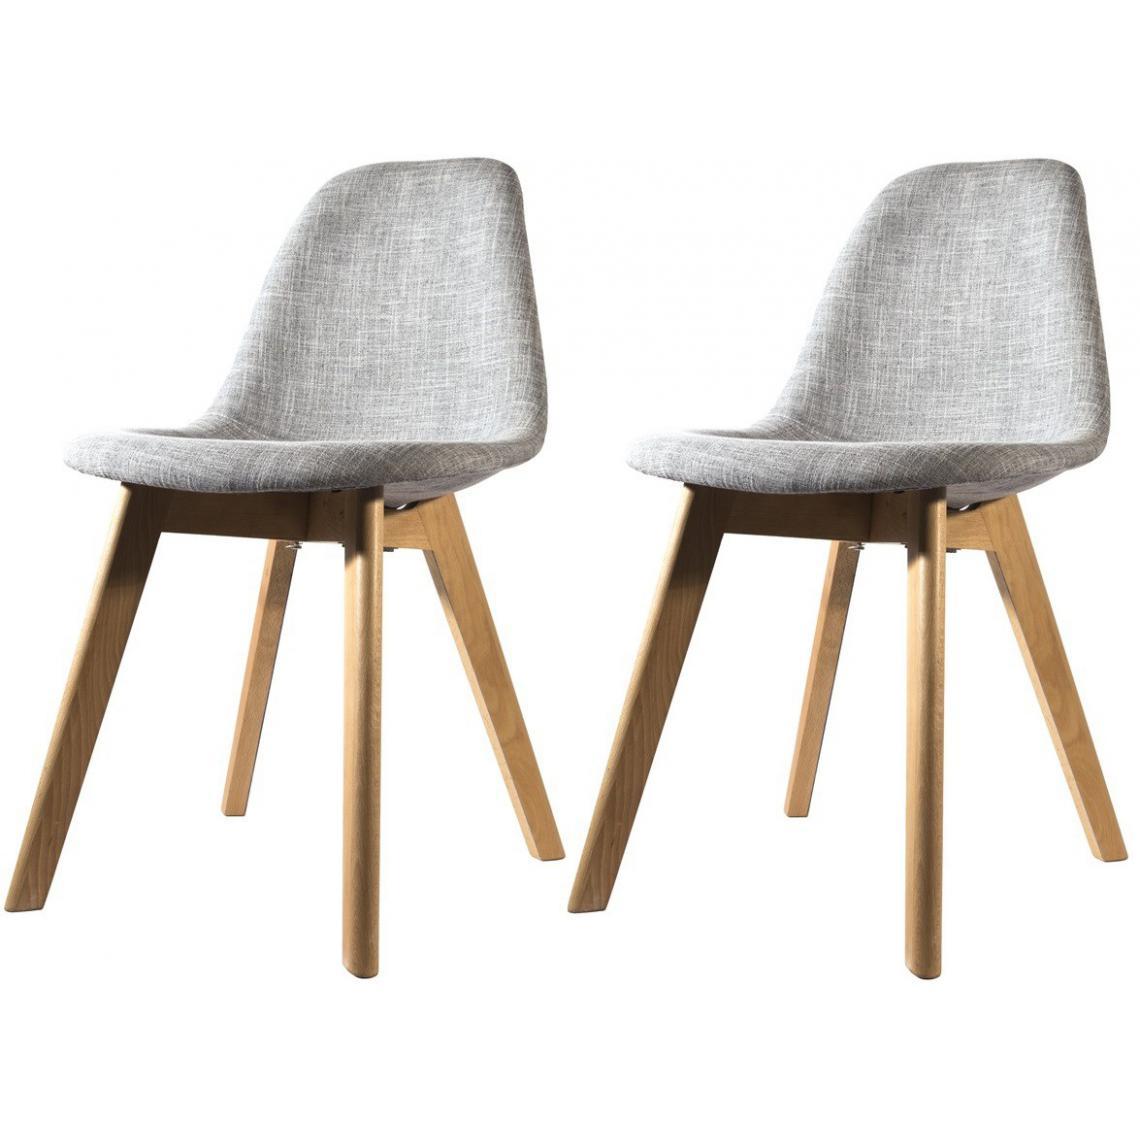 lot de 2 chaises scandinave en tissu grise fjord